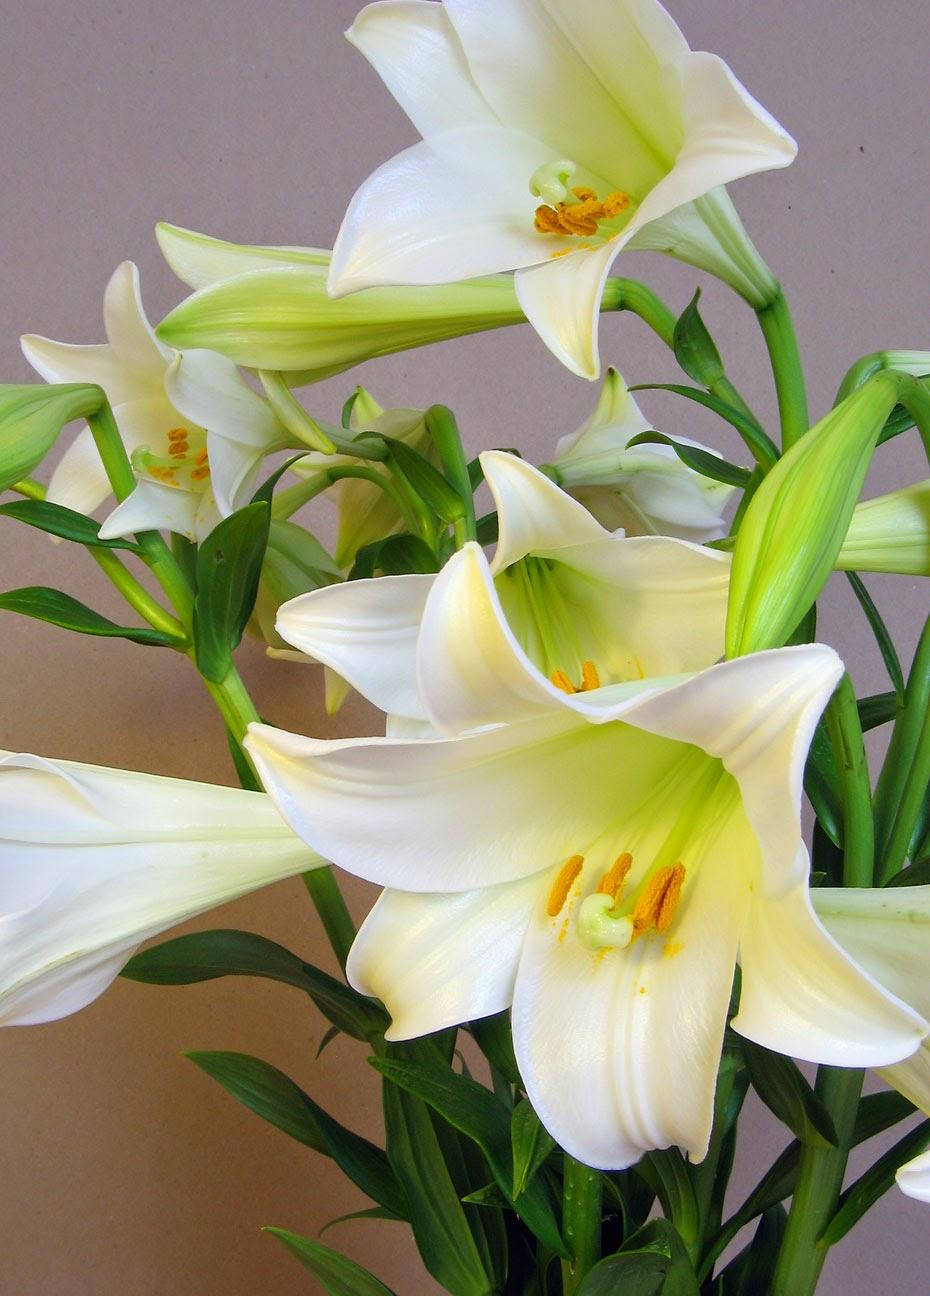 Morfologi tumbuhan setelah kita pahami hal hal yang menyangkut soal rumus bunga artinya jika kita melihat kedua rumus bunga dia atas maka dapat kita bayangkan bahwa ccuart Gallery